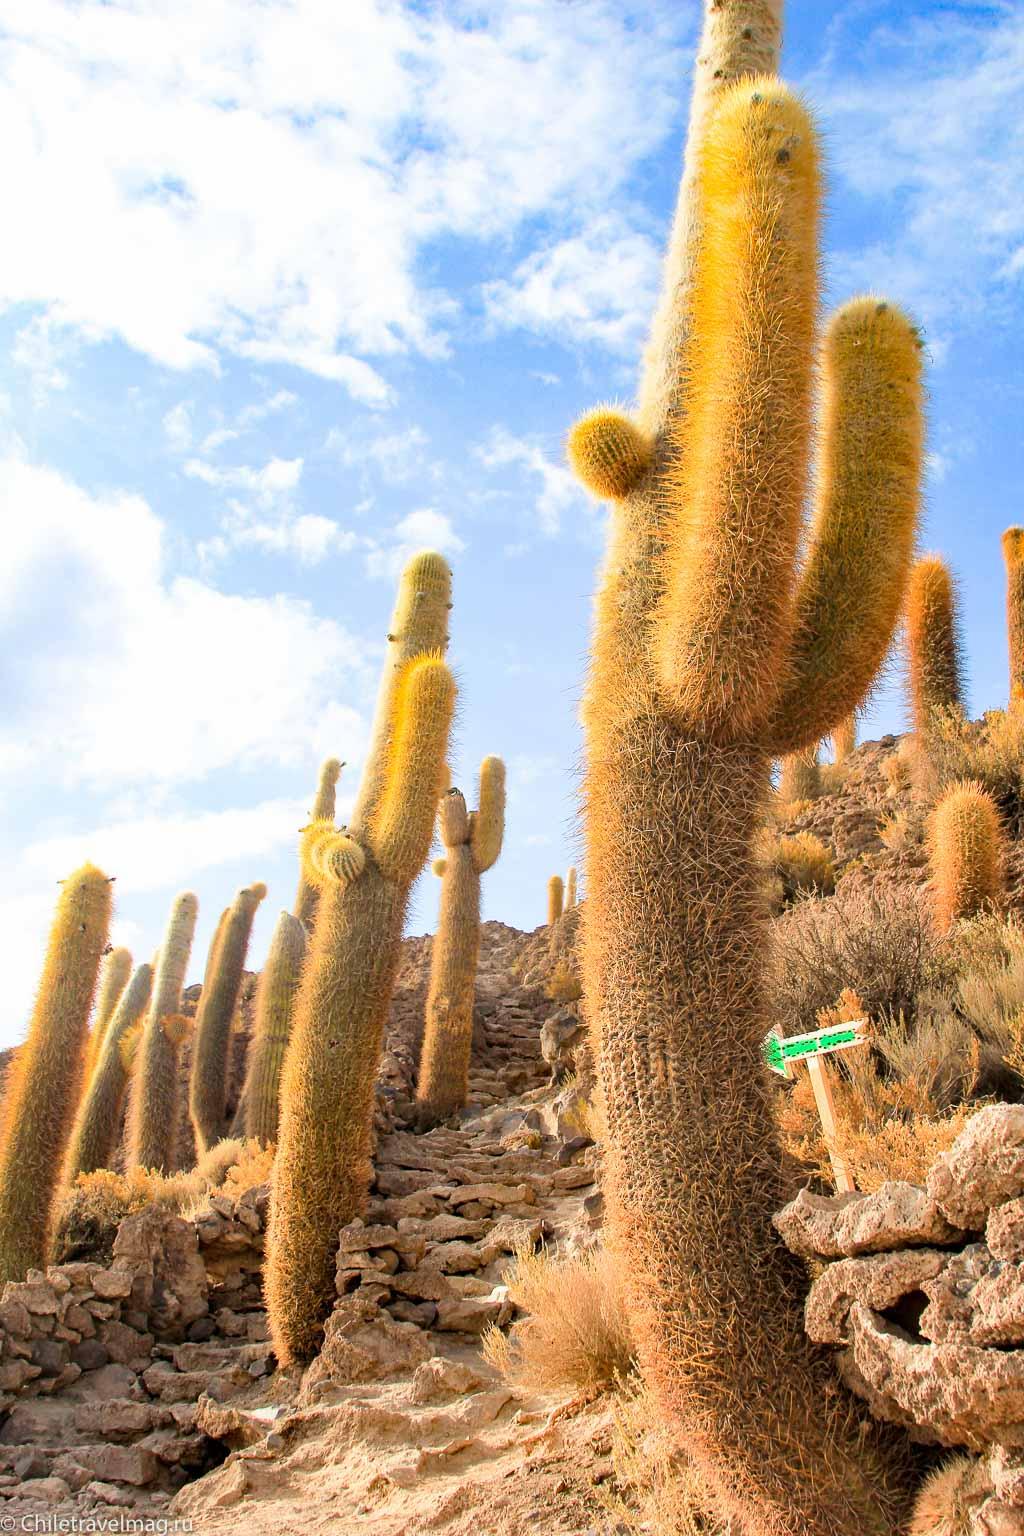 Остров с кактусами на Уюни отзыв - isla Incahuasi bolivia-9